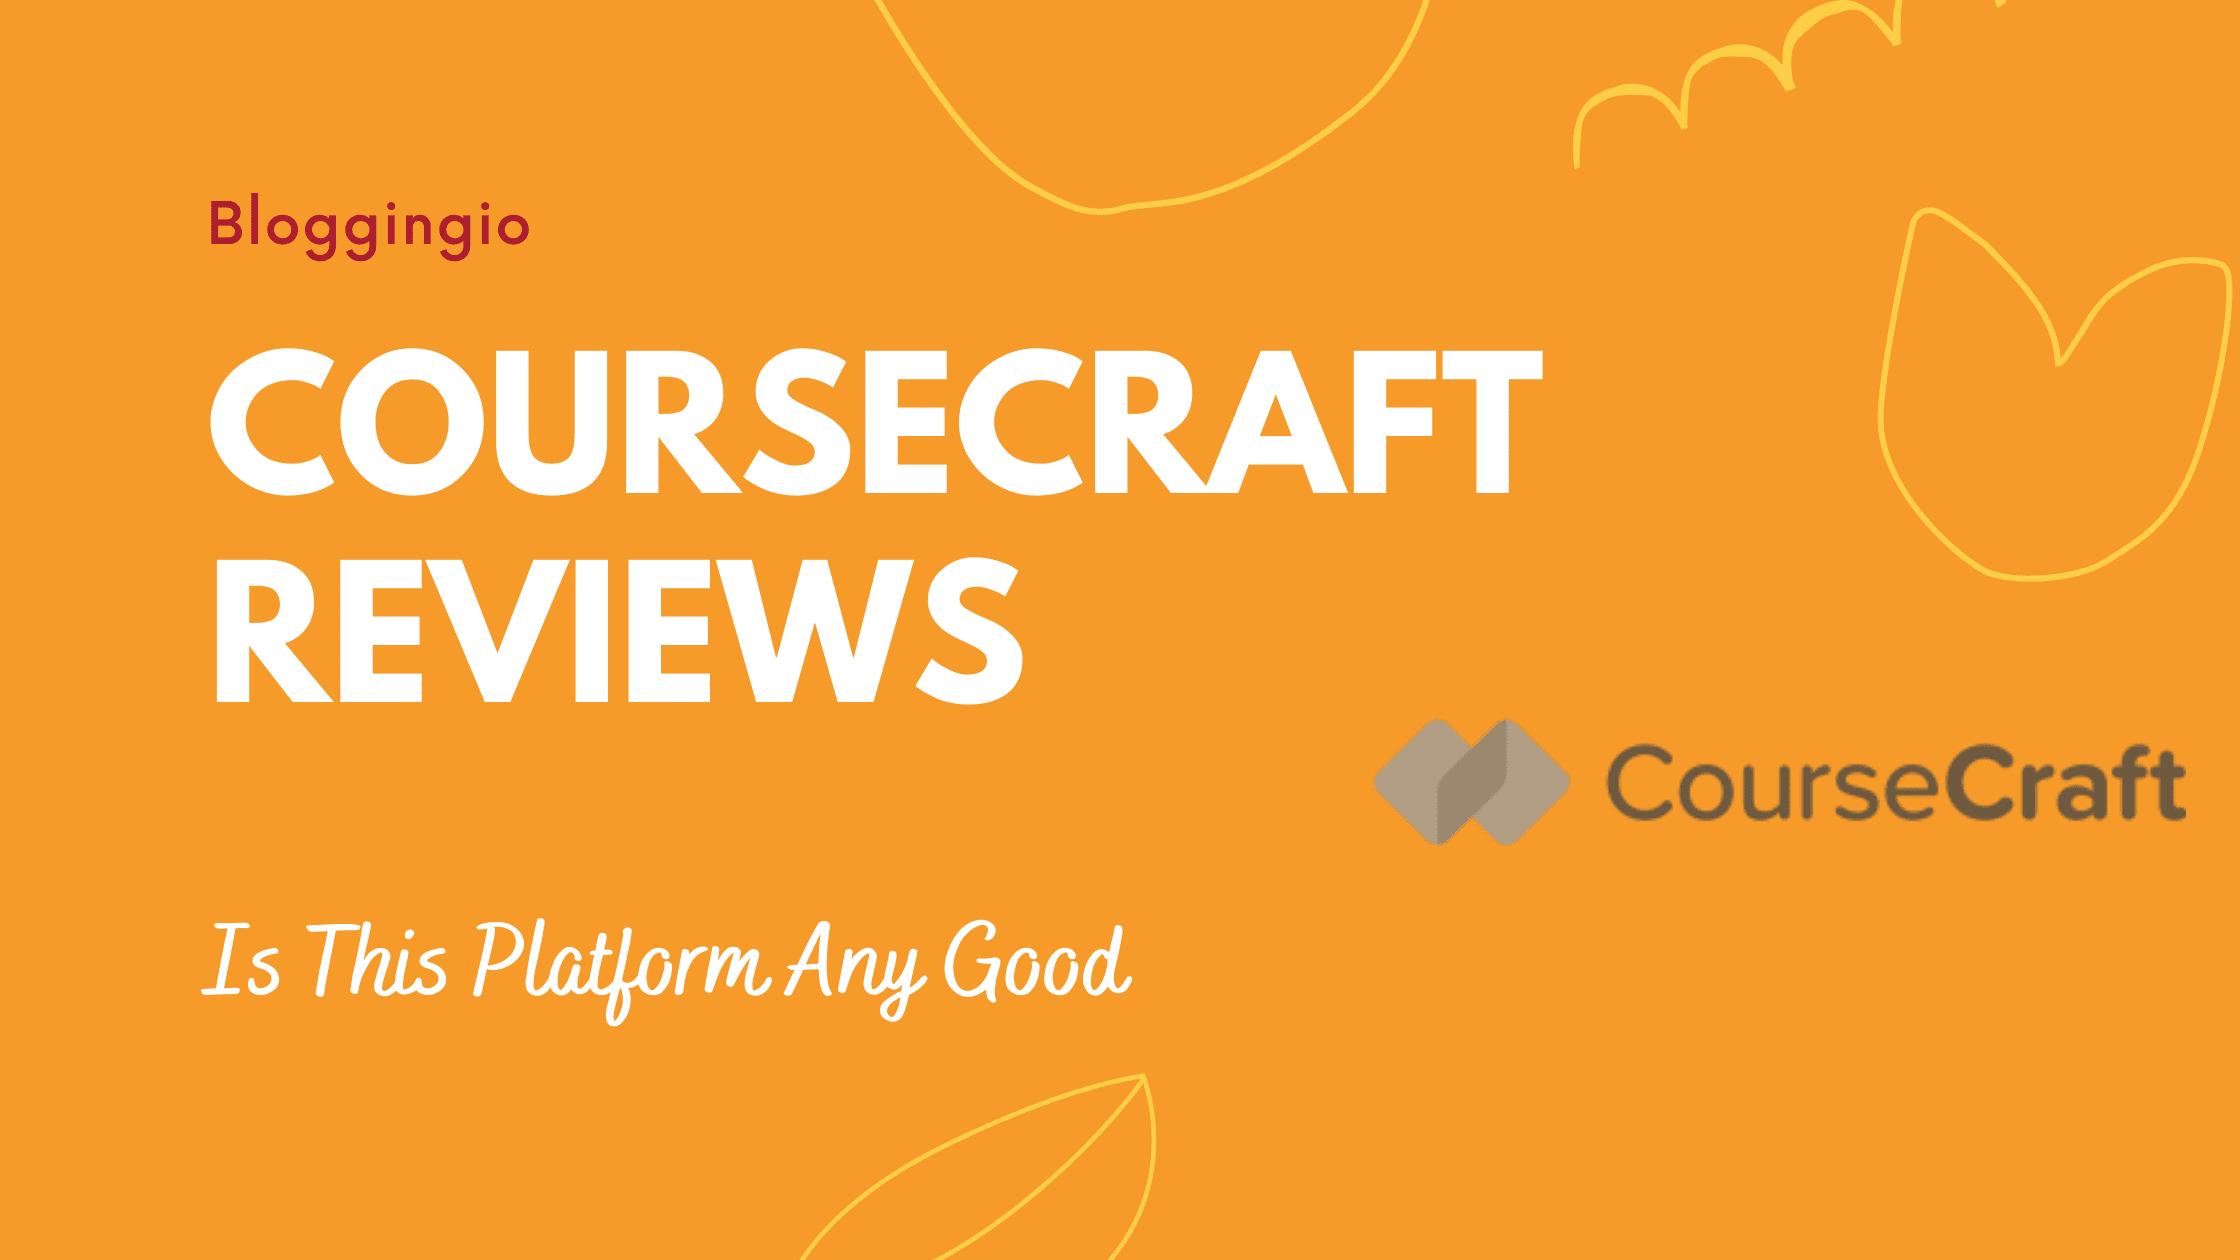 CourseCraft Reviews